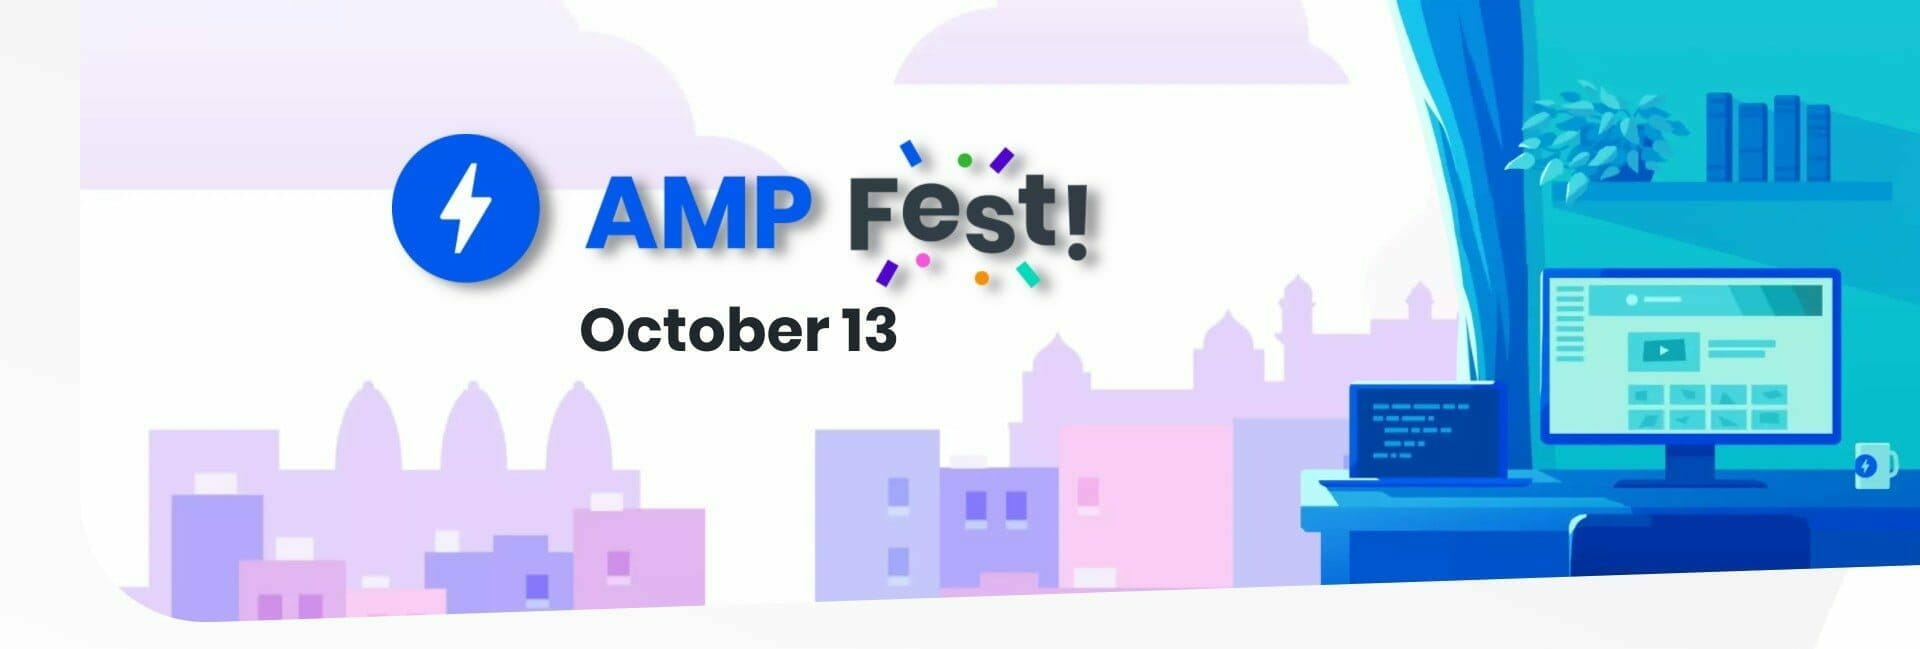 AMP Fest 2020